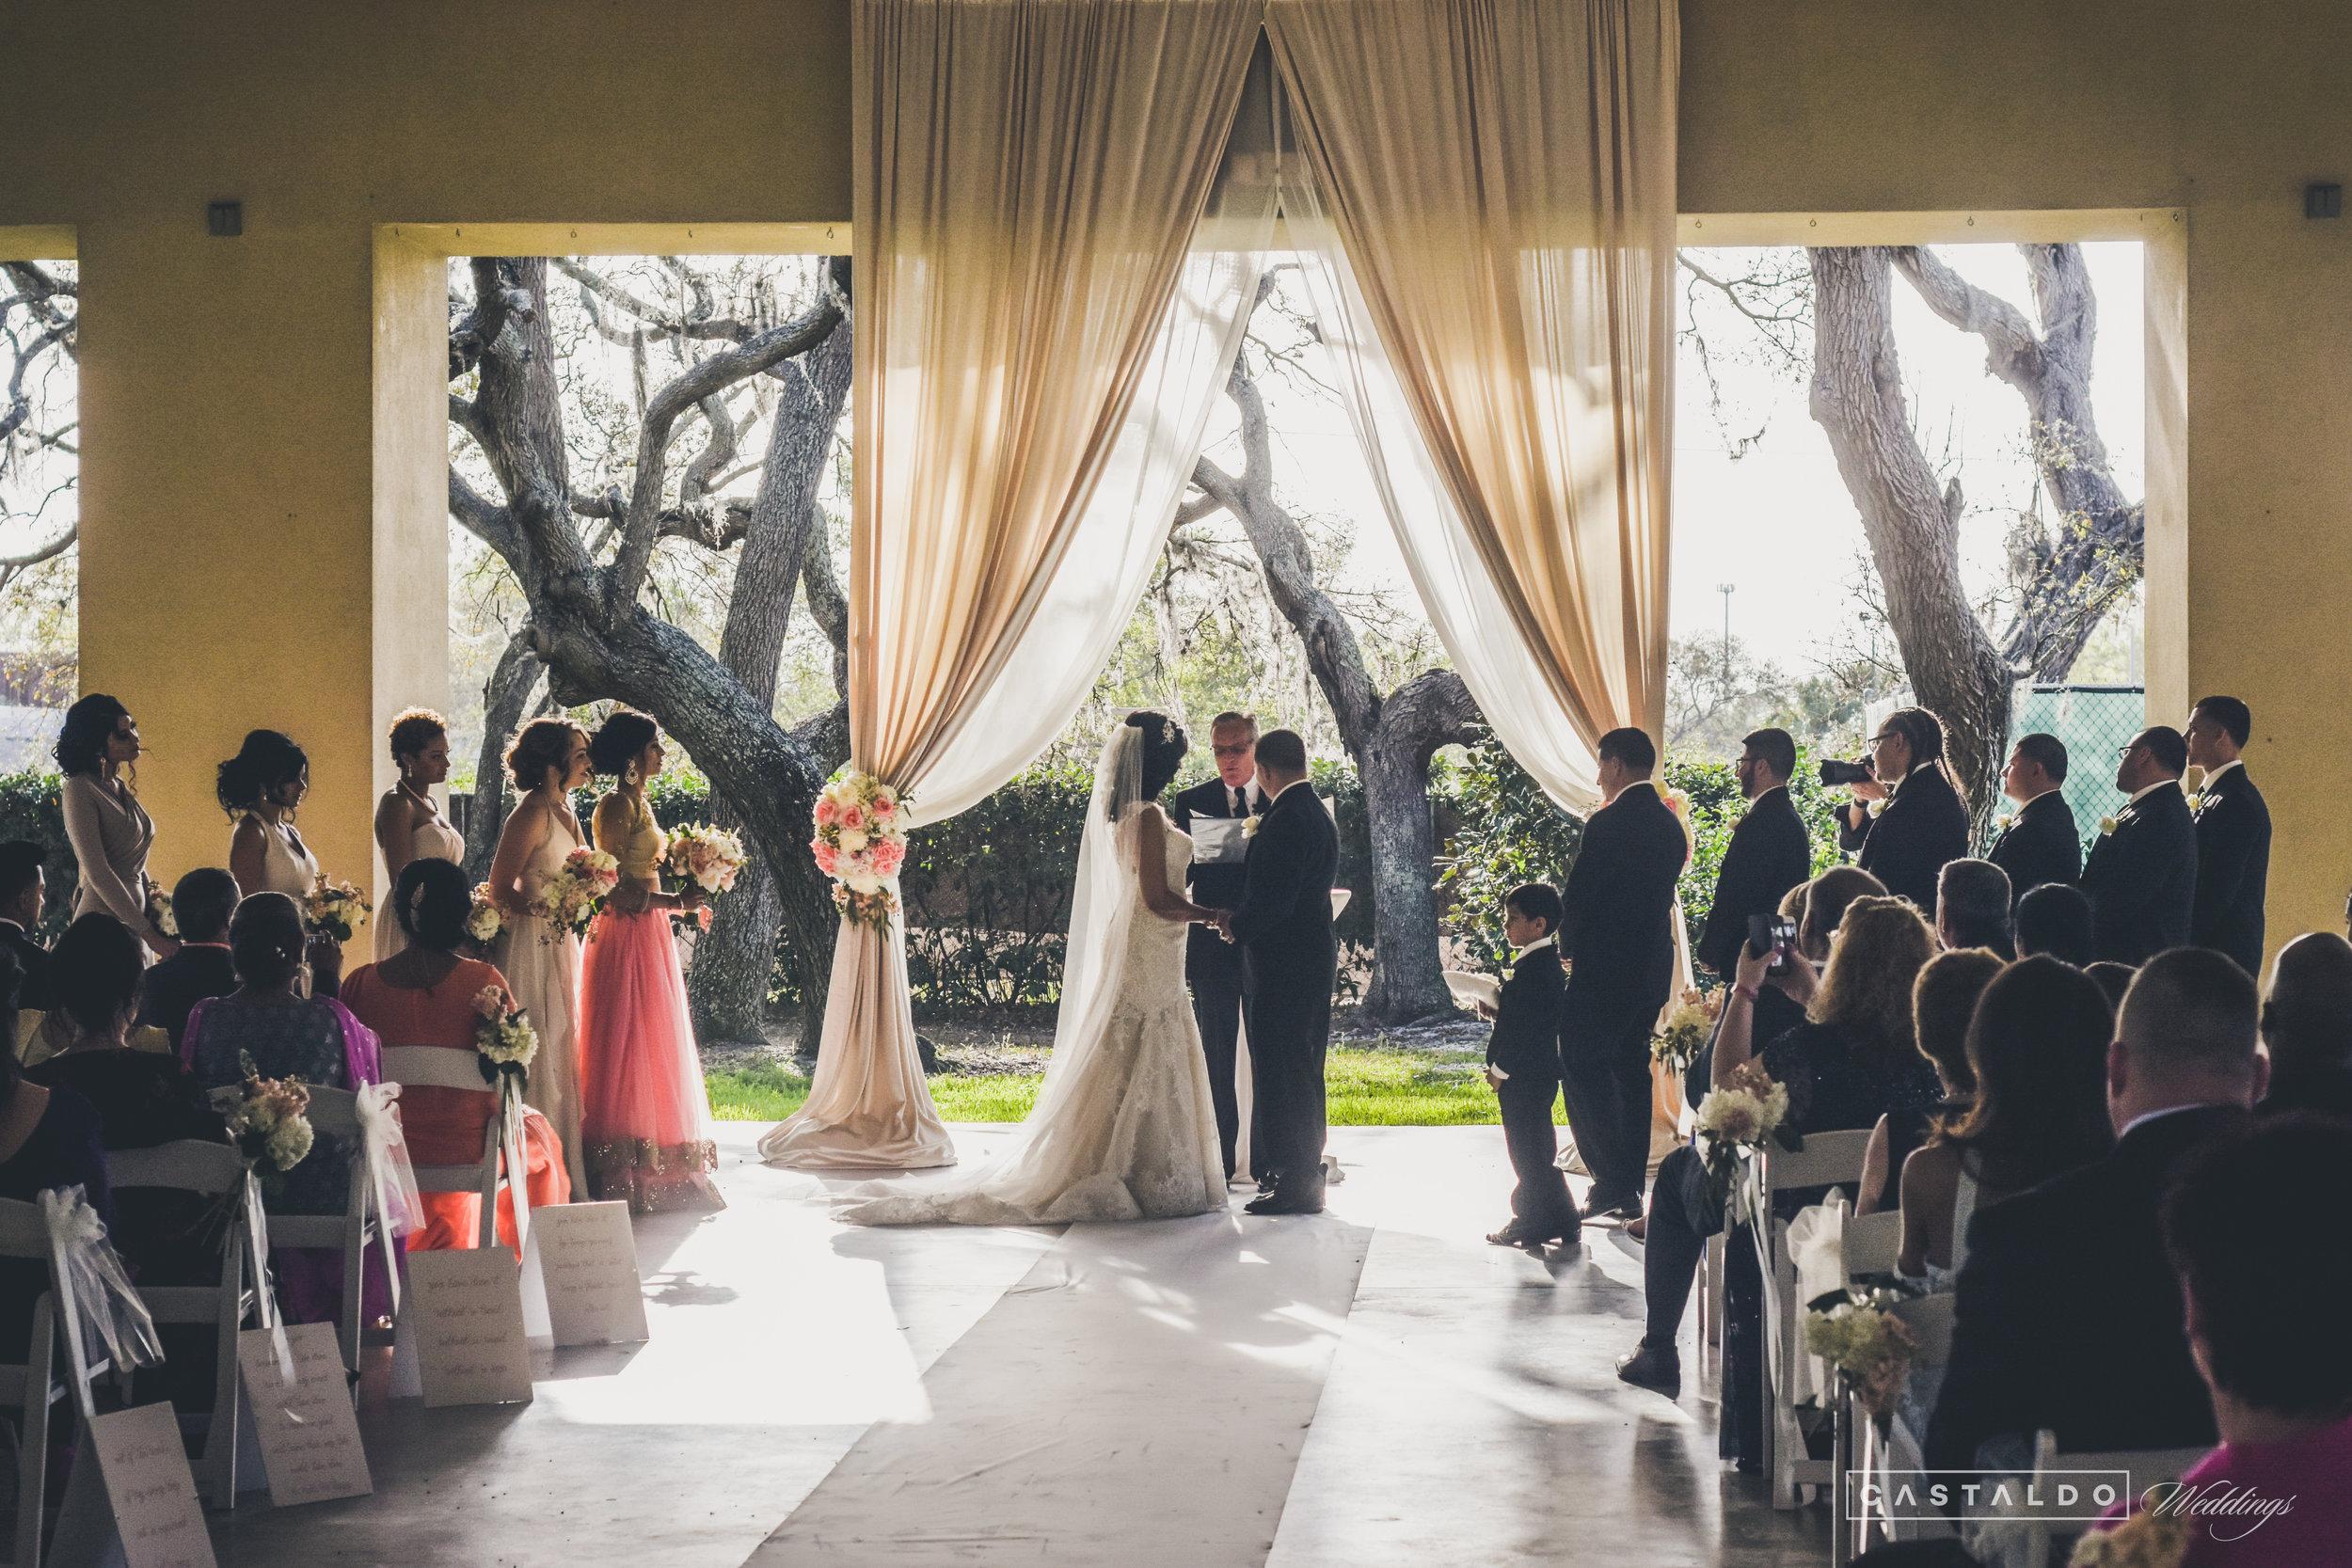 Orlando Wedding Venue | Reception and Banquet Hall